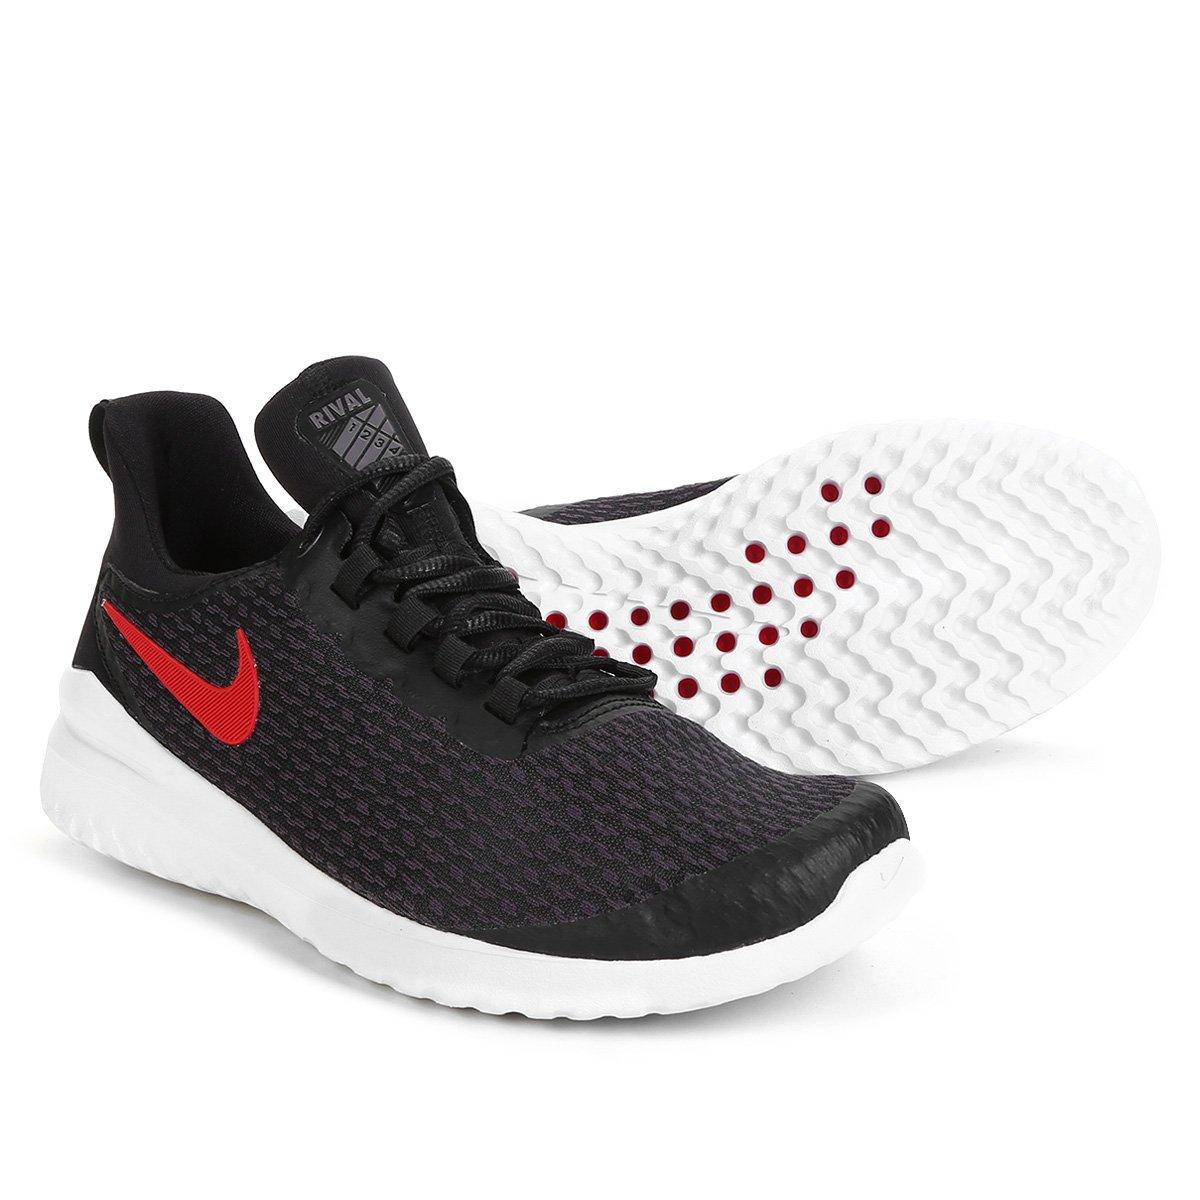 fbd3872d18 Tênis Nike Renew Rival Masculino - Preto e Vermelho - Compre Agora ...